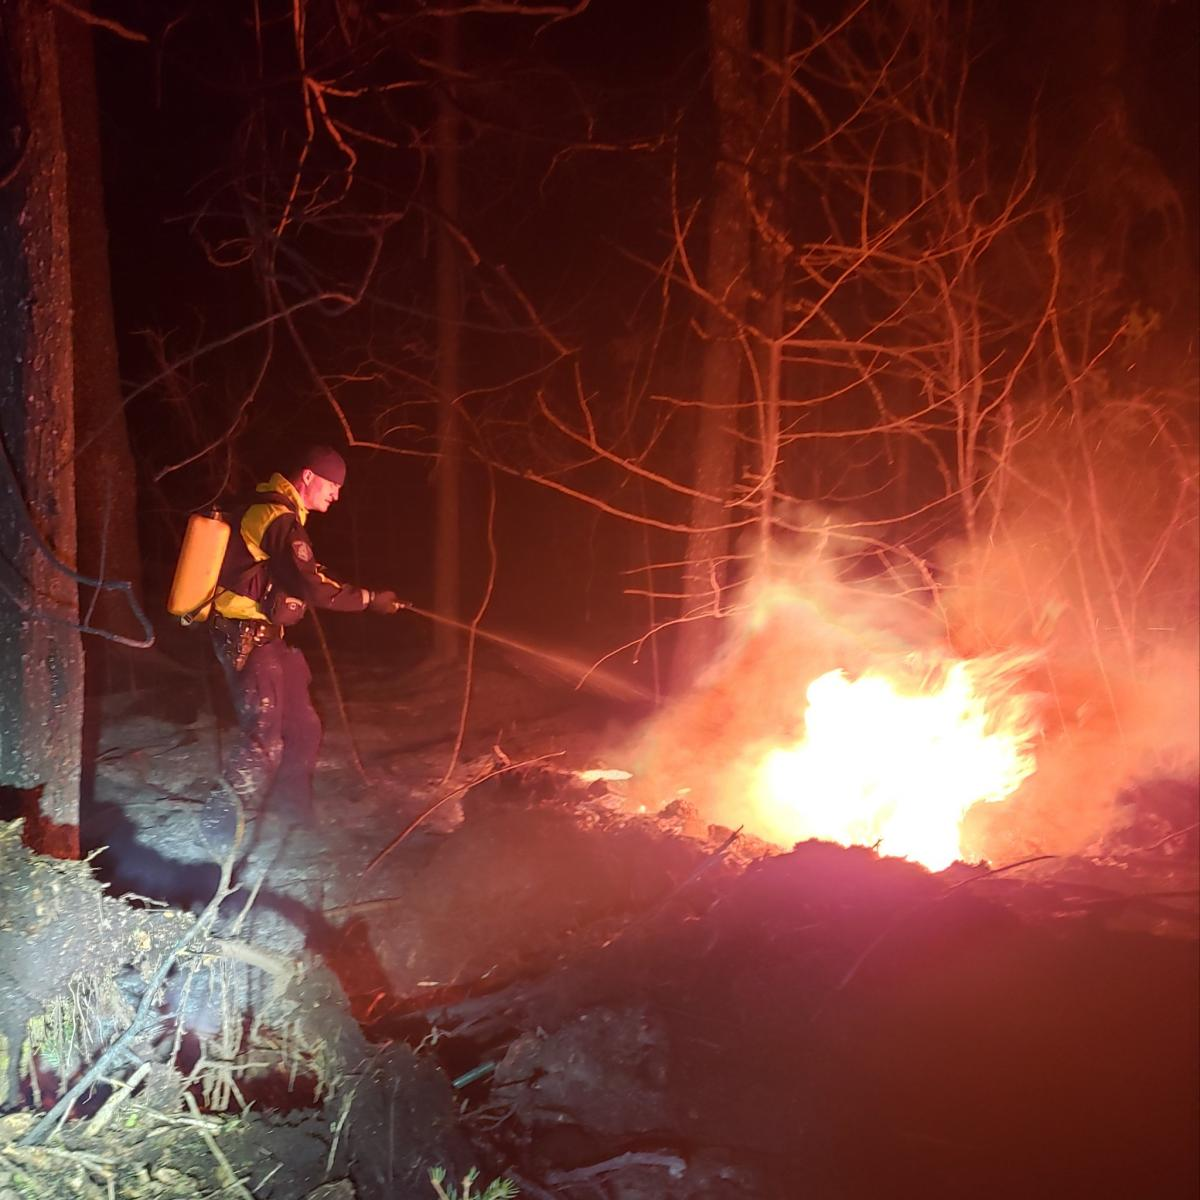 В Україні оголошено найвищий рівень пожежної небезпеки / фото RCMP Manitoba / Twitter